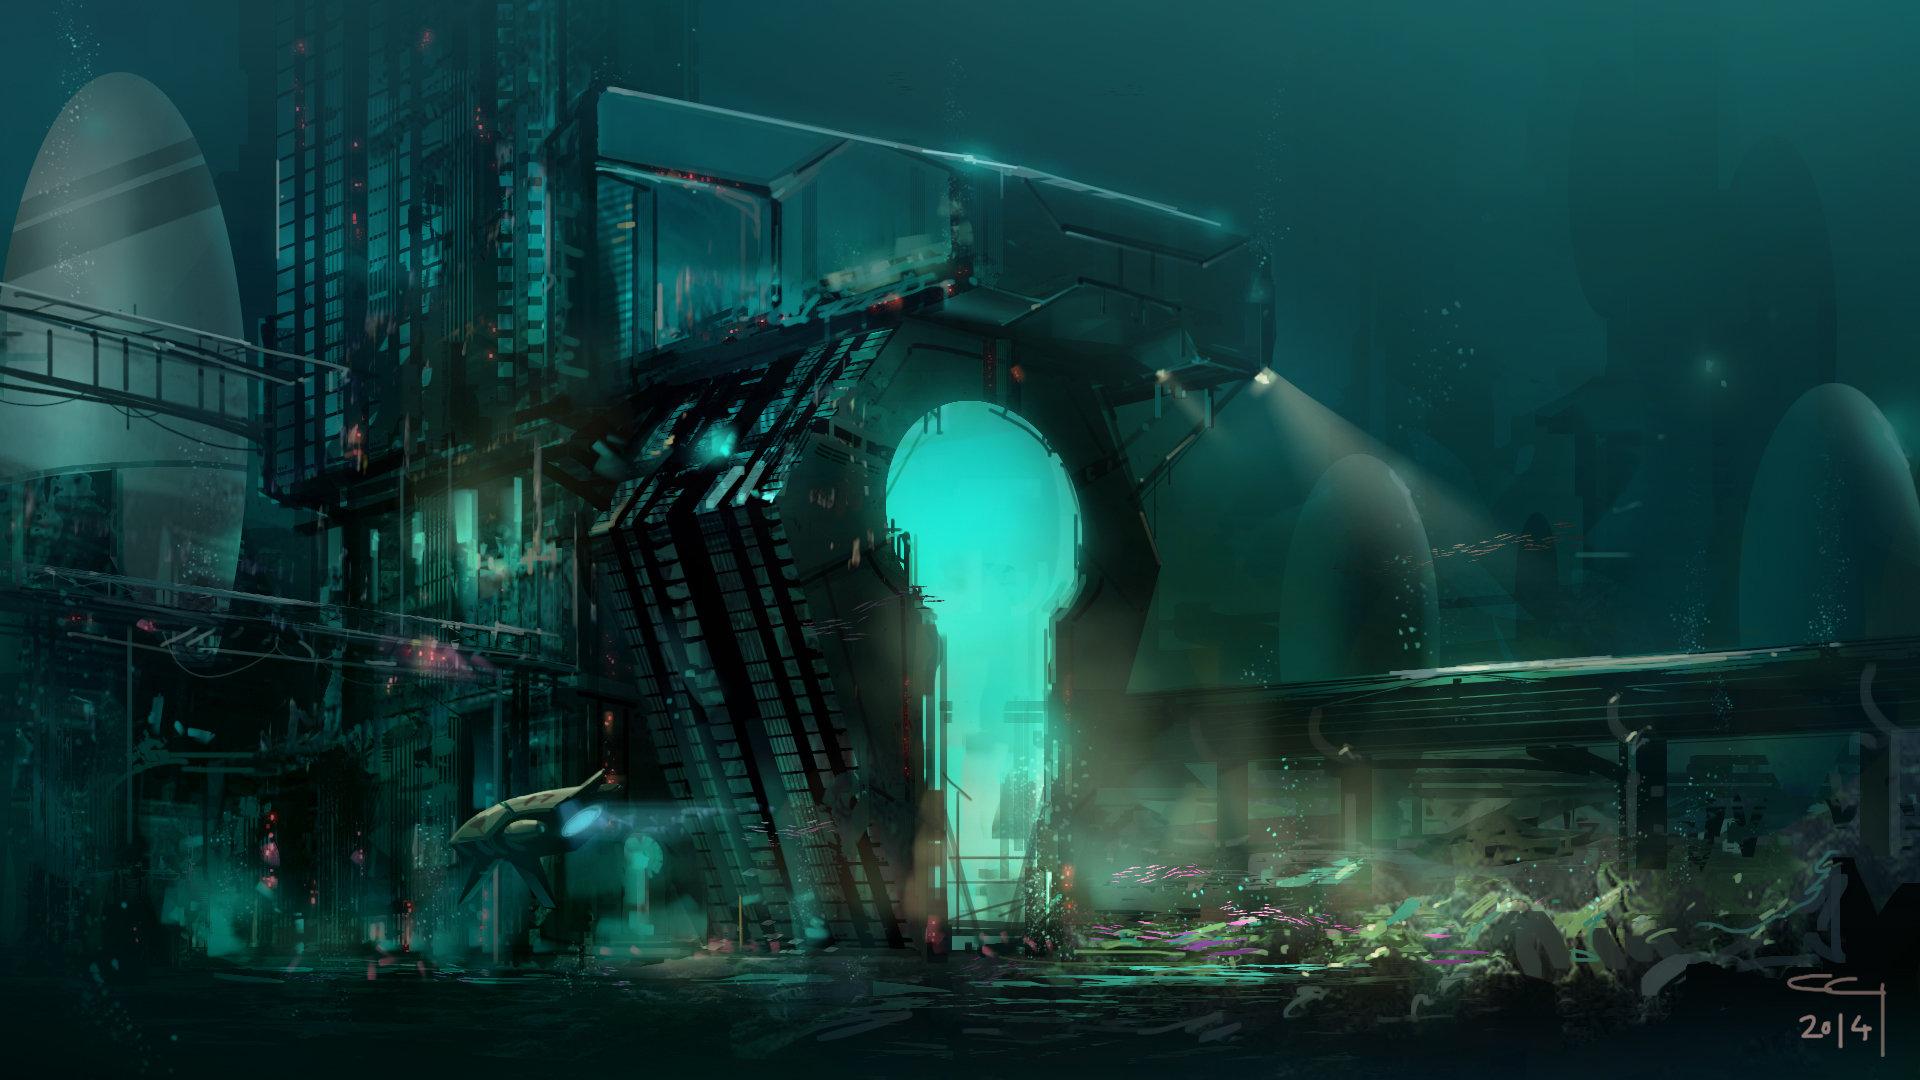 Chris goff underwaterplace